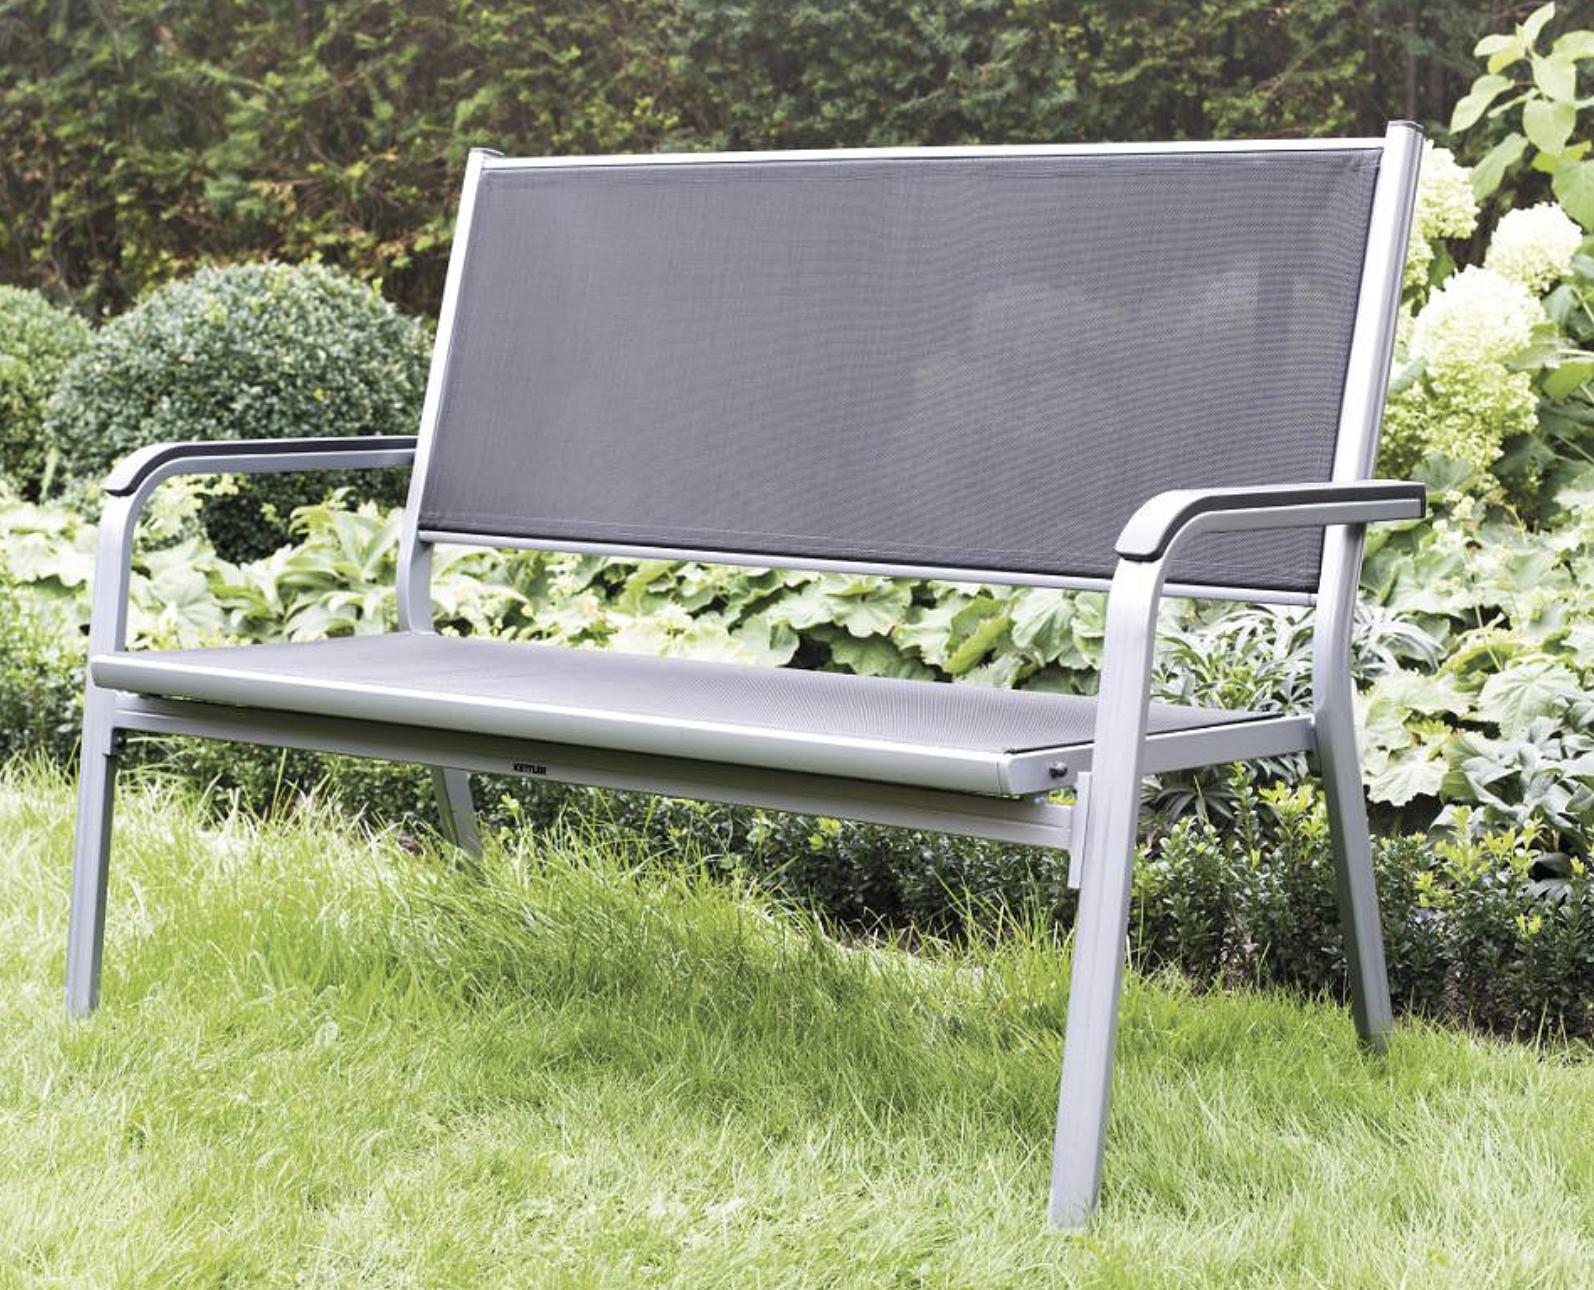 KETTLER 2er Gartenbank Basic Plus Aluminium mit Edelstahlschrauben wetterfest silber/anthrazit für 199€ inkl. Versandkosten